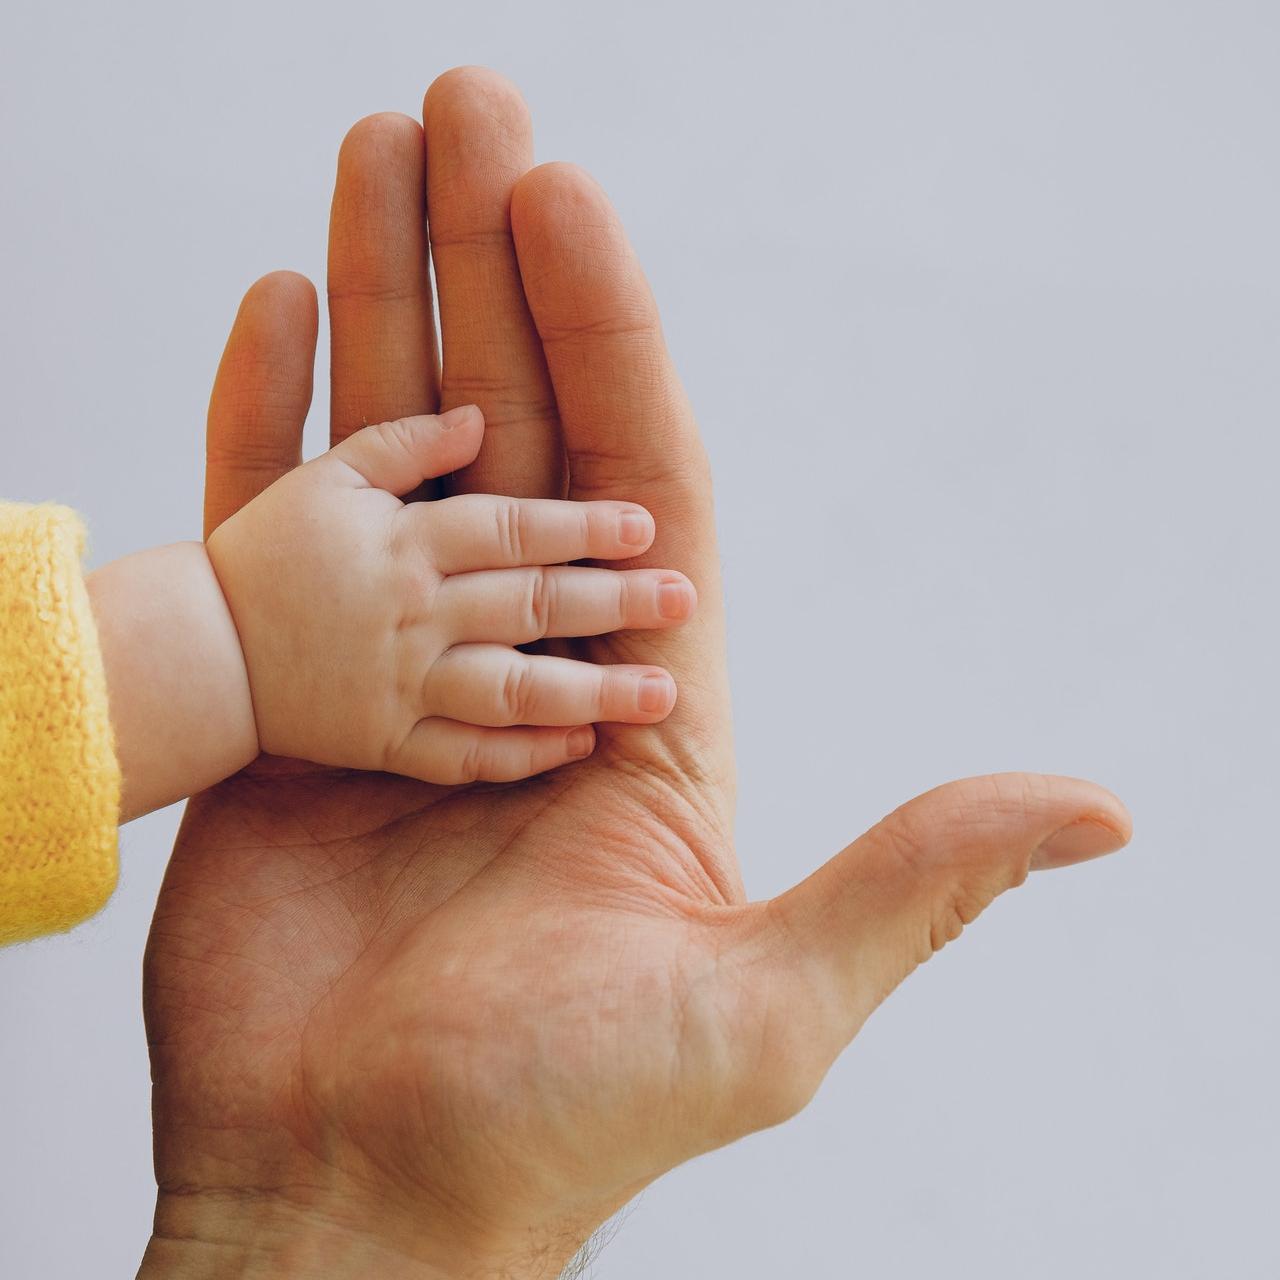 Comment aider mon enfant hypersensible ?